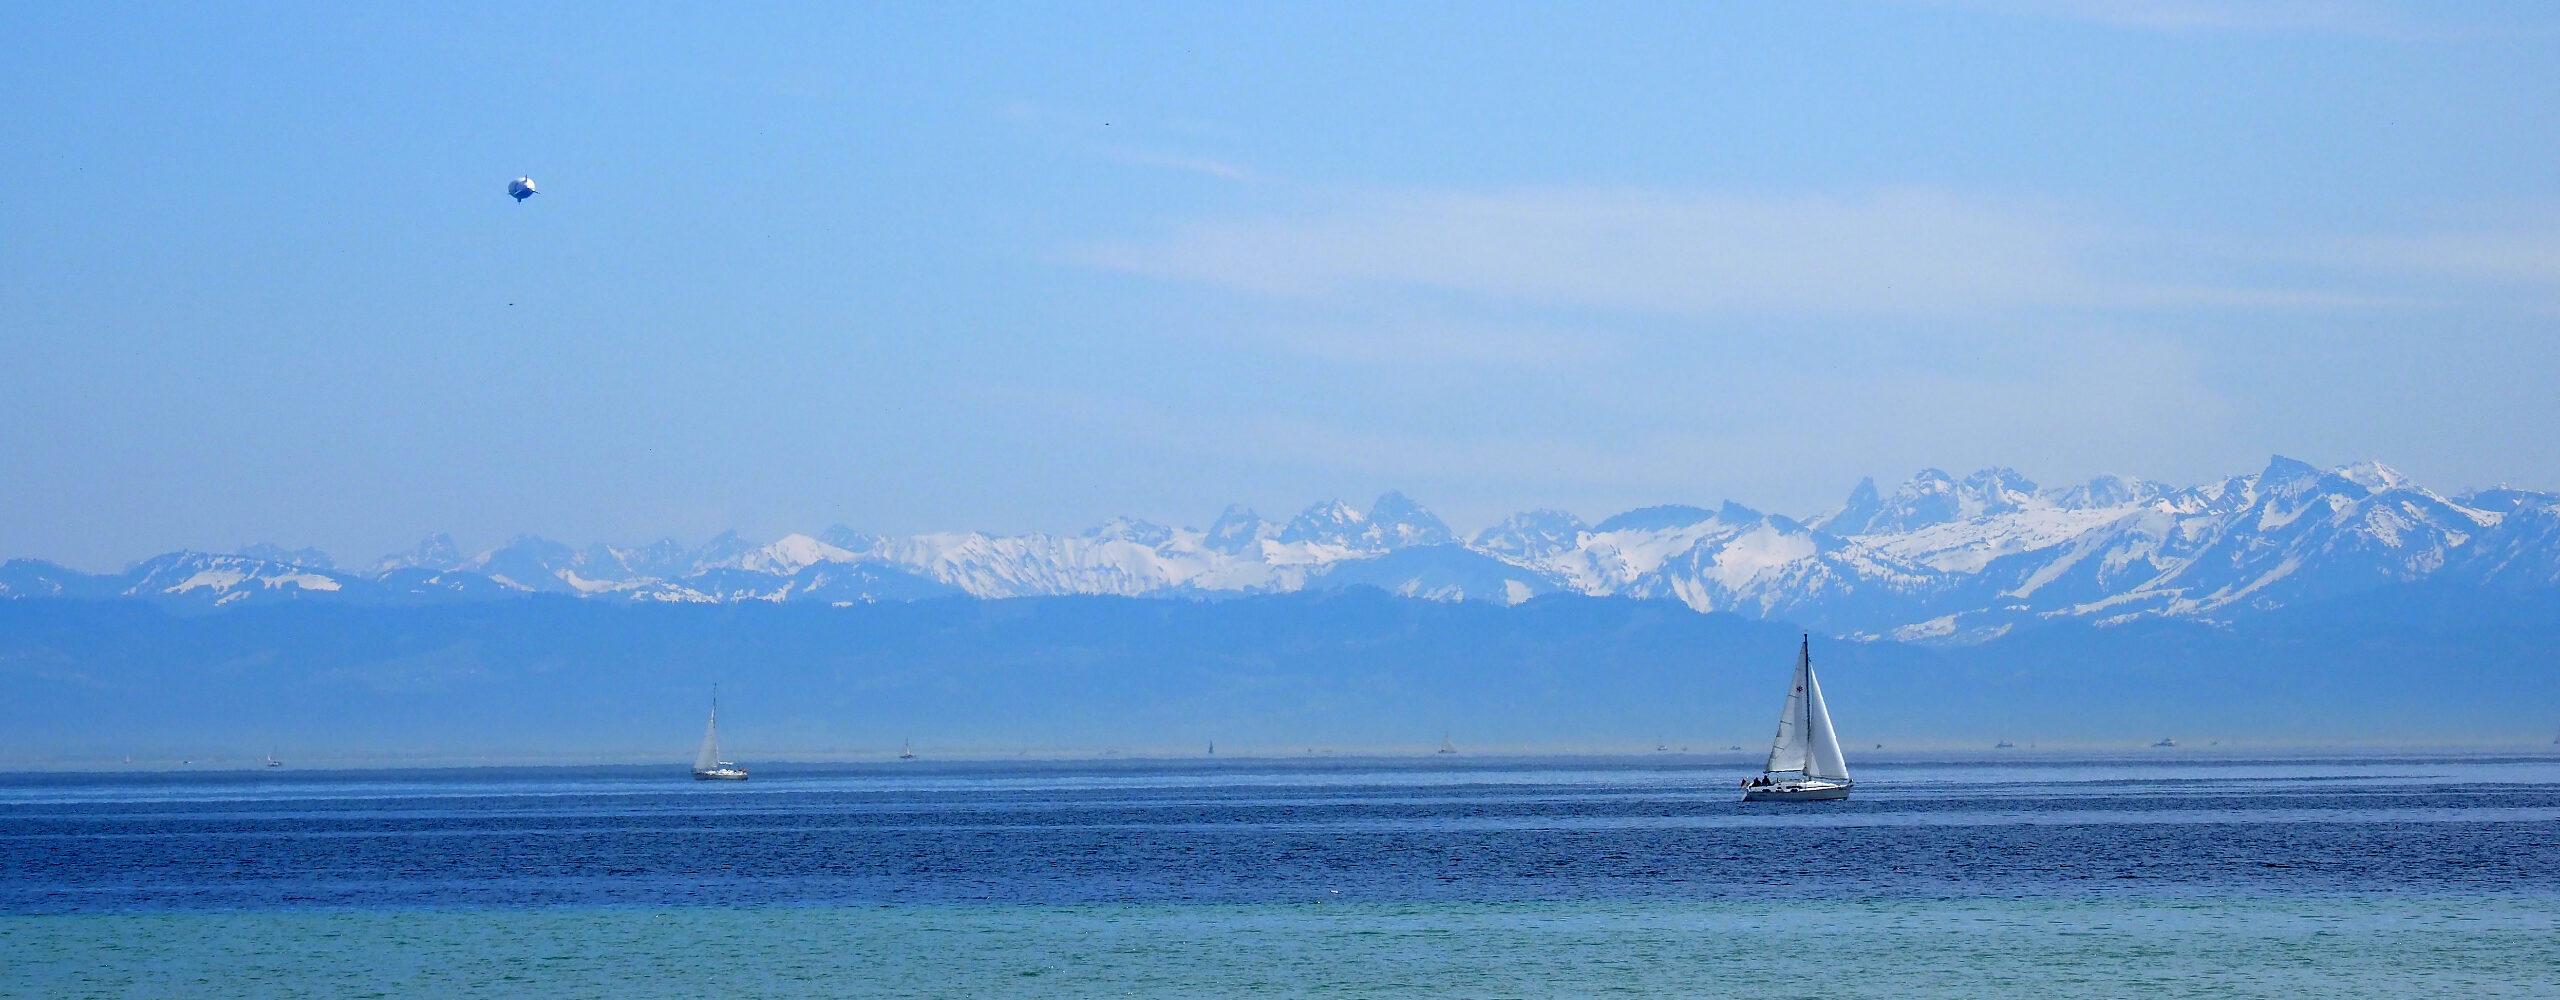 ЮгГермании. Озеро Бодензее. Остров цветов Майнау. Май 2109г.-1.